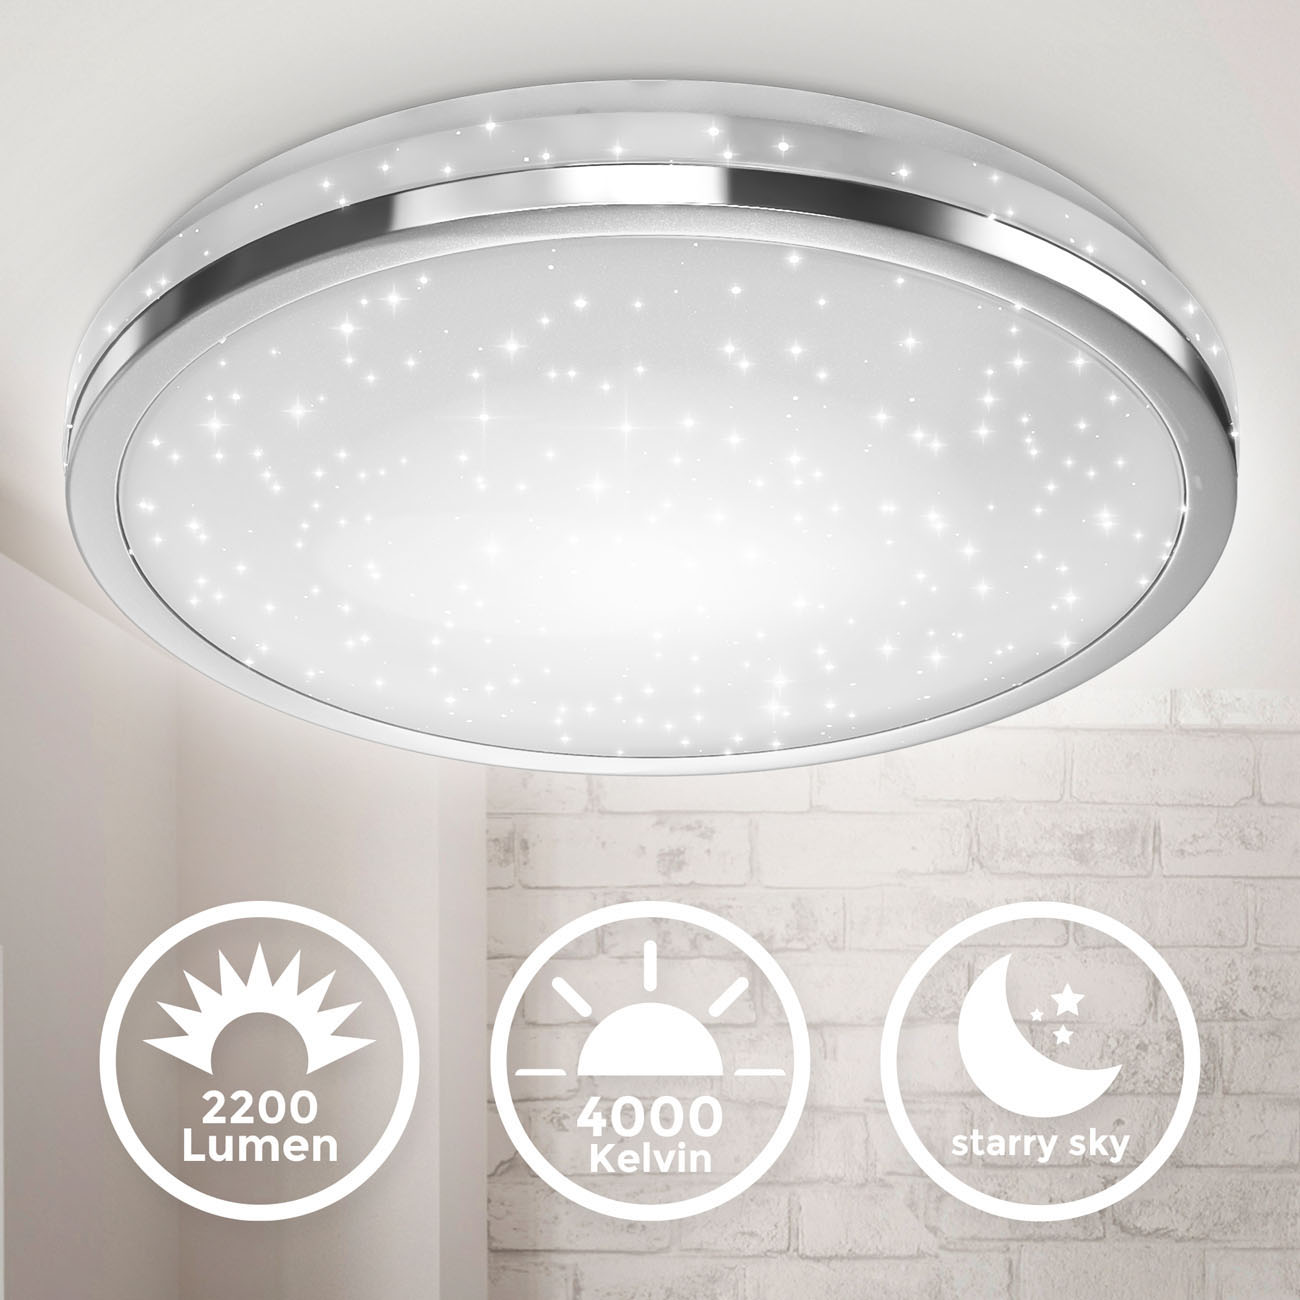 LED Deckenleuchte mit Sternendekor chrom groß - 3